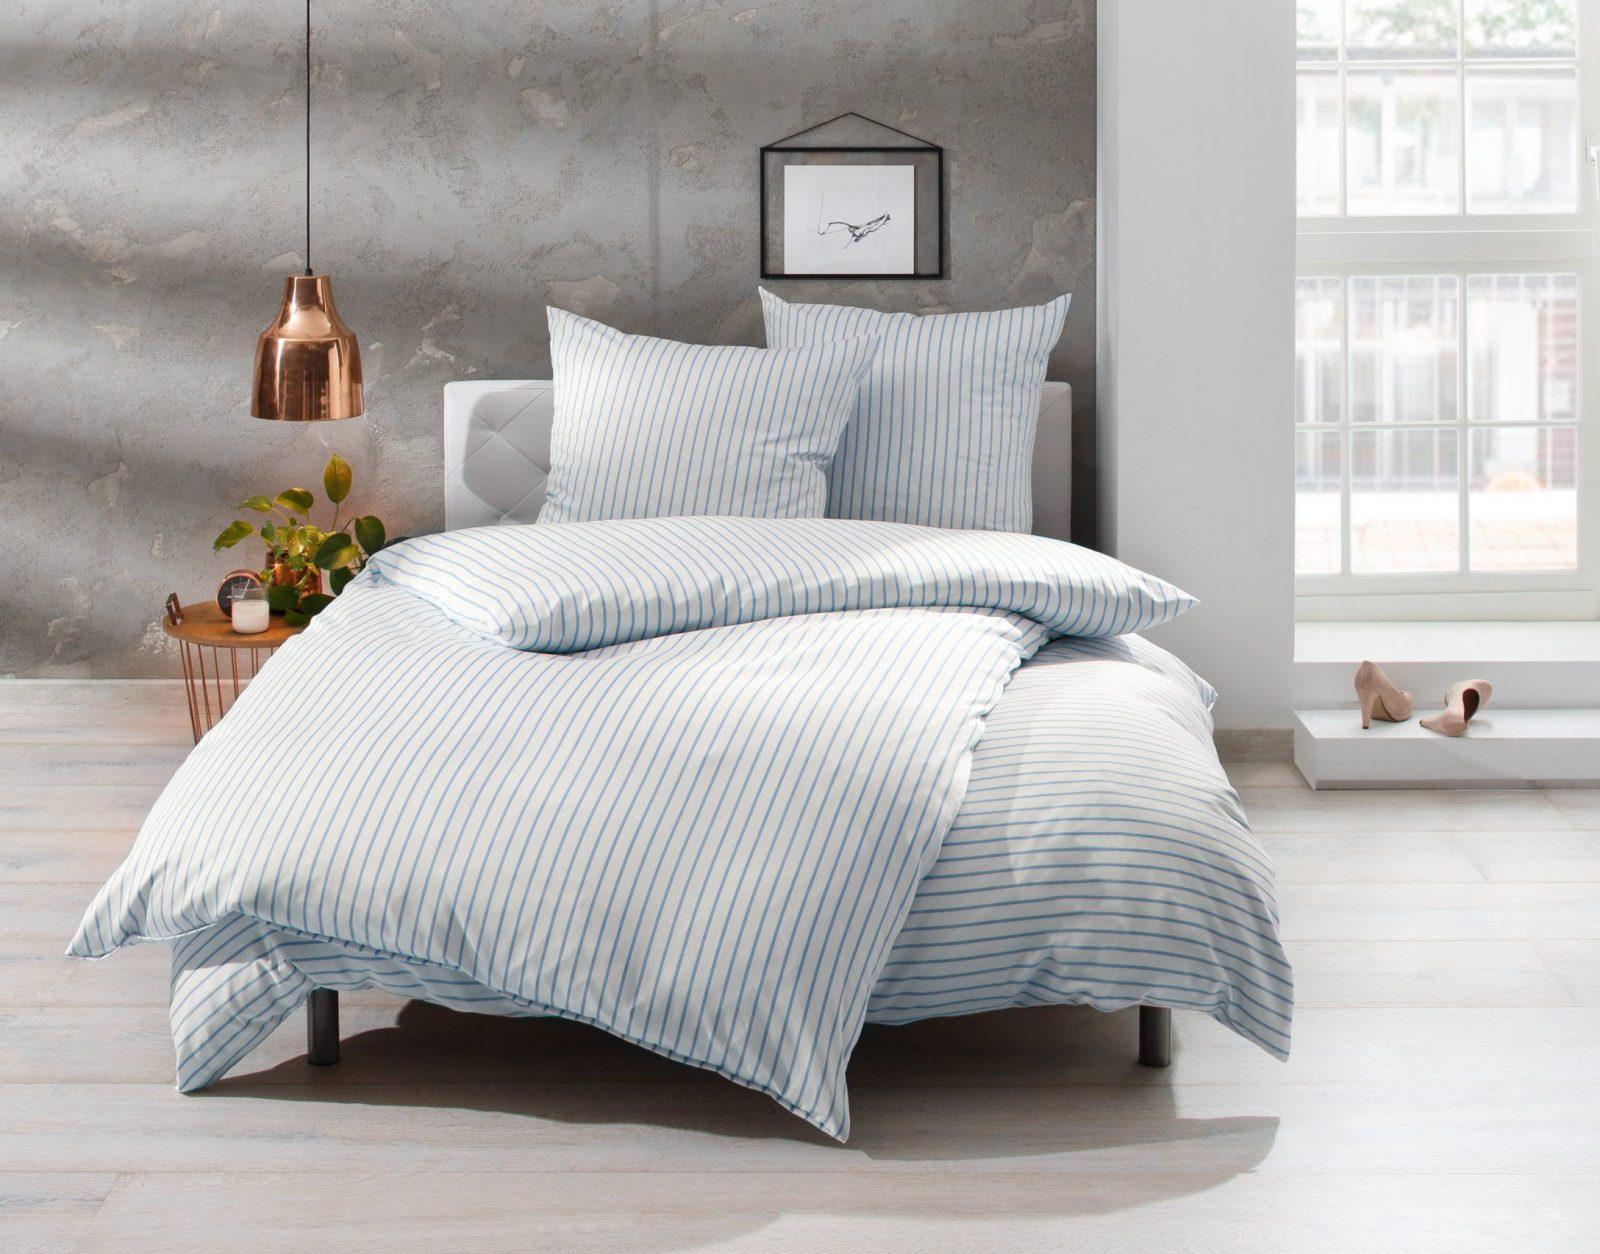 Streifen Bettwäsche Blau Weiß  Bettwaeschemitstil von Bettwäsche 200X200 Blau Photo